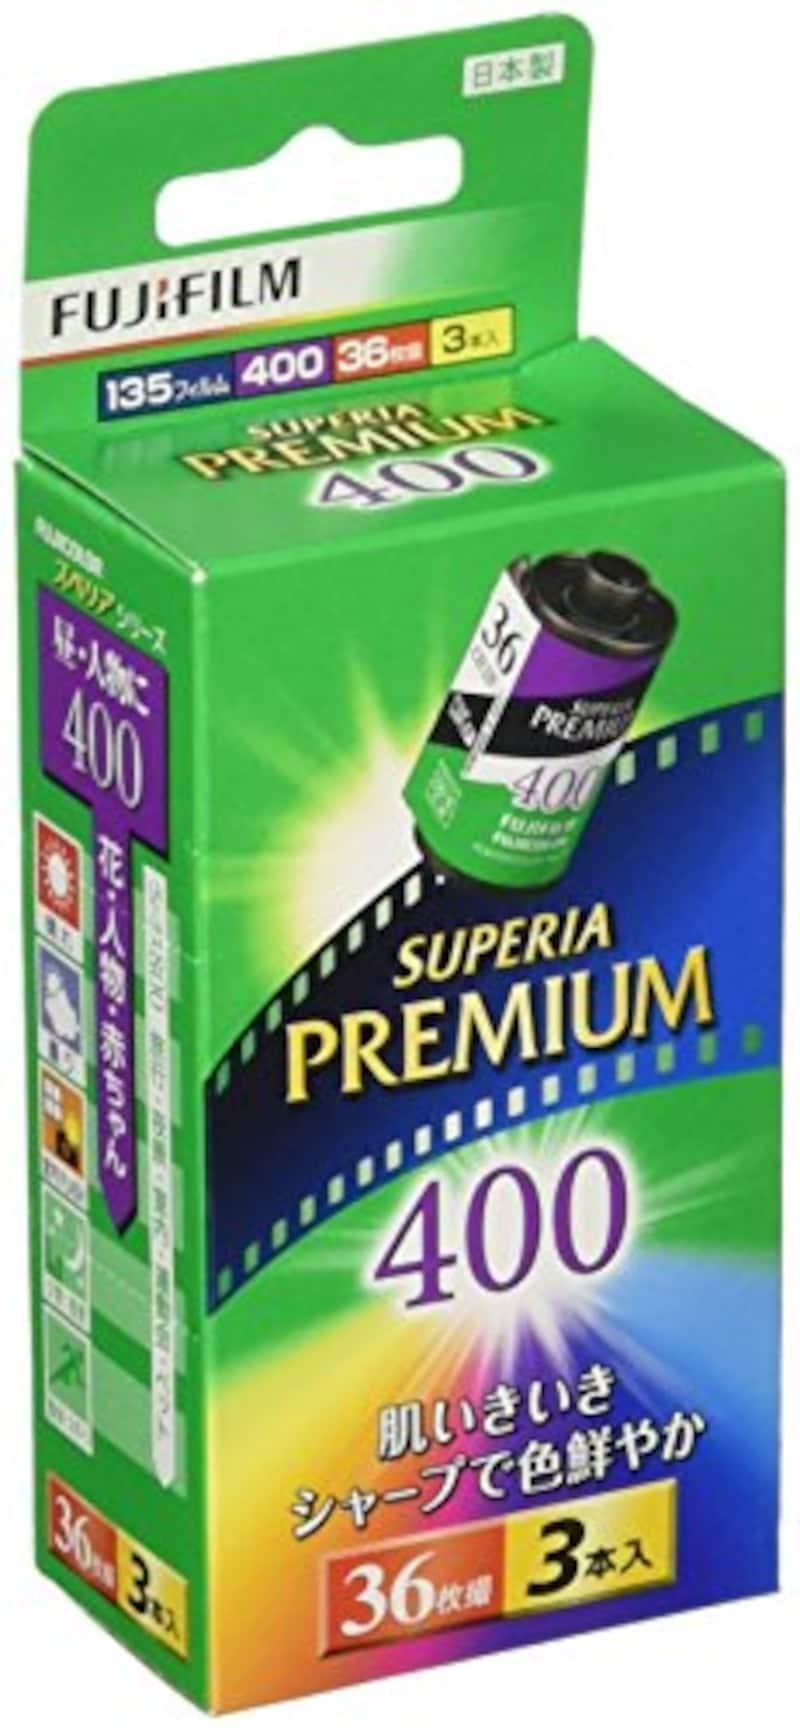 FUJIFILM カラー,ネガフイルム フジカラー PREMIUM 400 36枚撮り 3本パック 135 PREMIUM 400-R 36EX 3SB